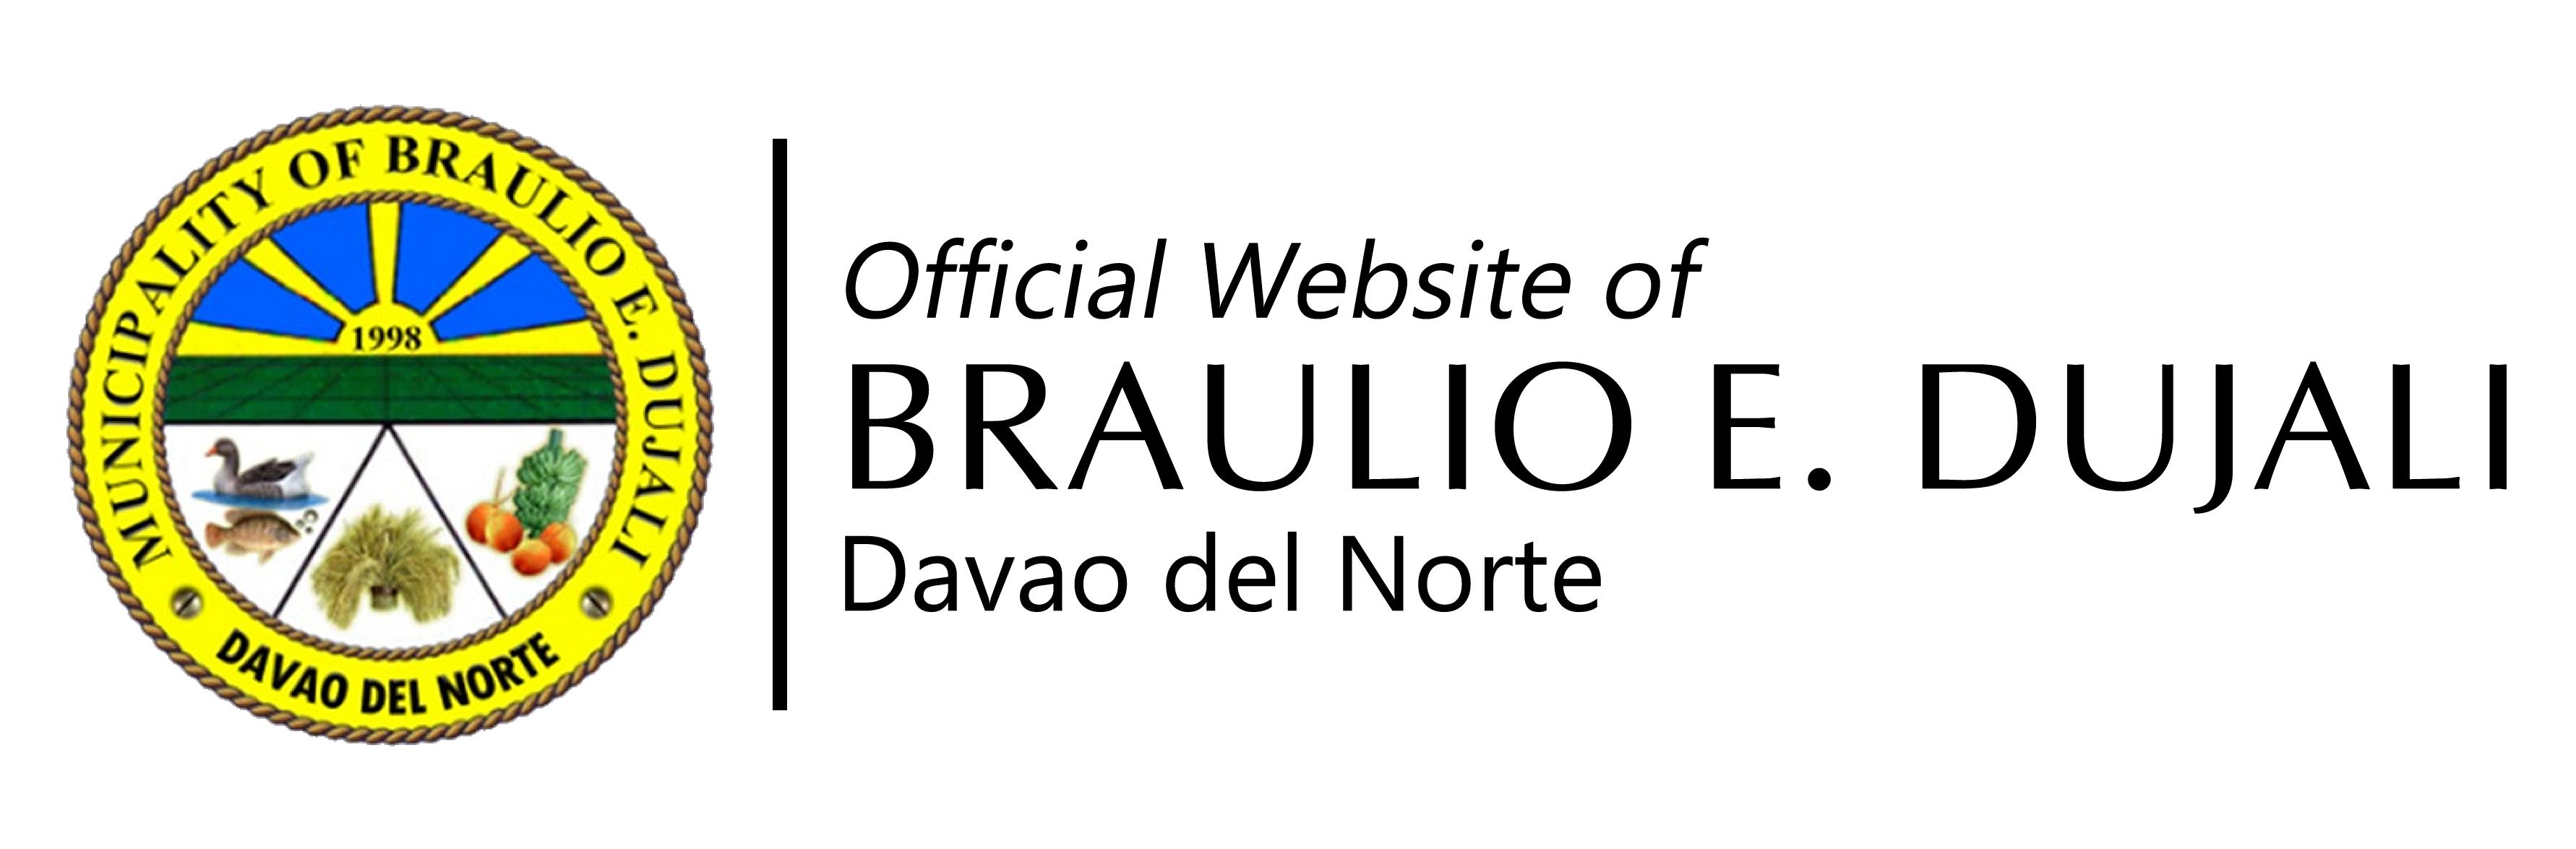 Municipality of Braulio E. Dujali